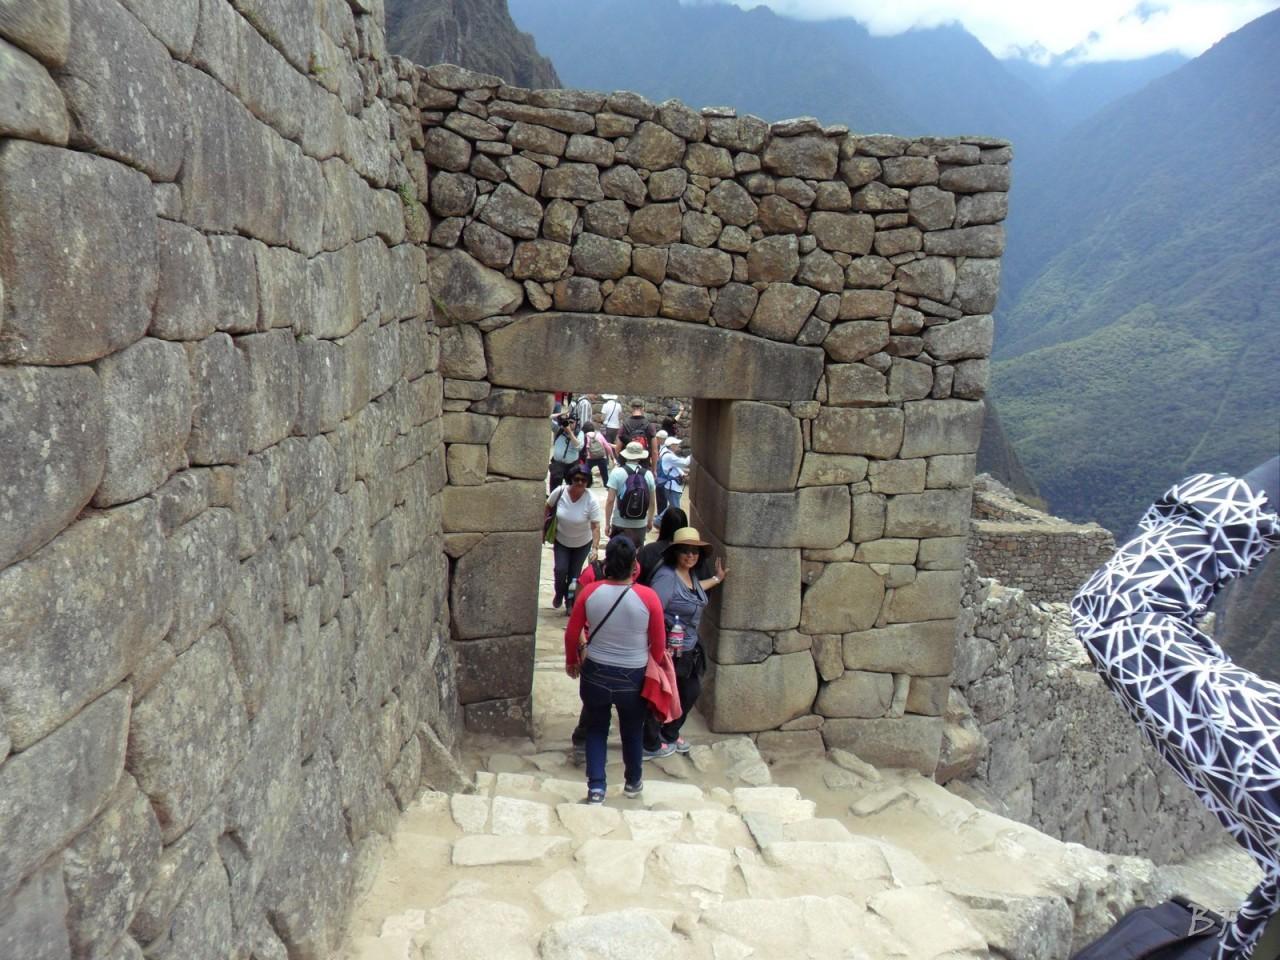 Mura-Poligonali-Incisioni-Altari-Edifici-Rupestri-Megaliti-Machu-Picchu-Aguas-Calientes-Urubamba-Cusco-Perù-77